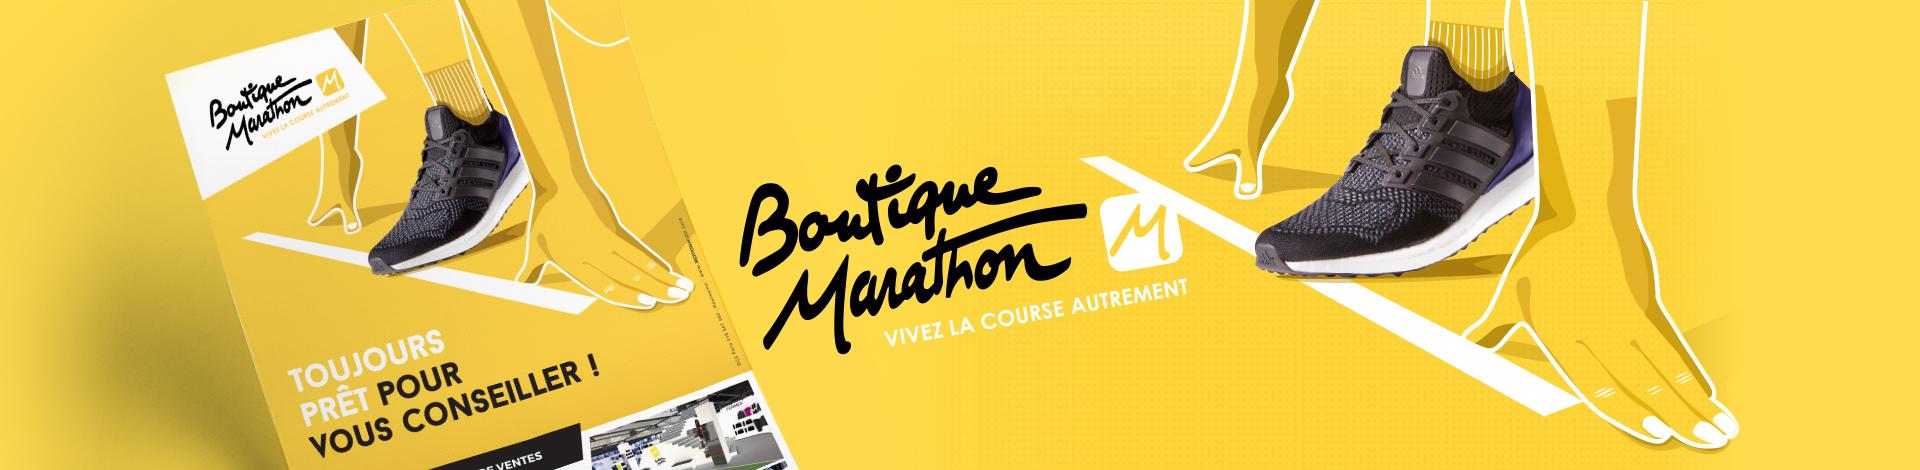 boutique-marathon-print-bandeau